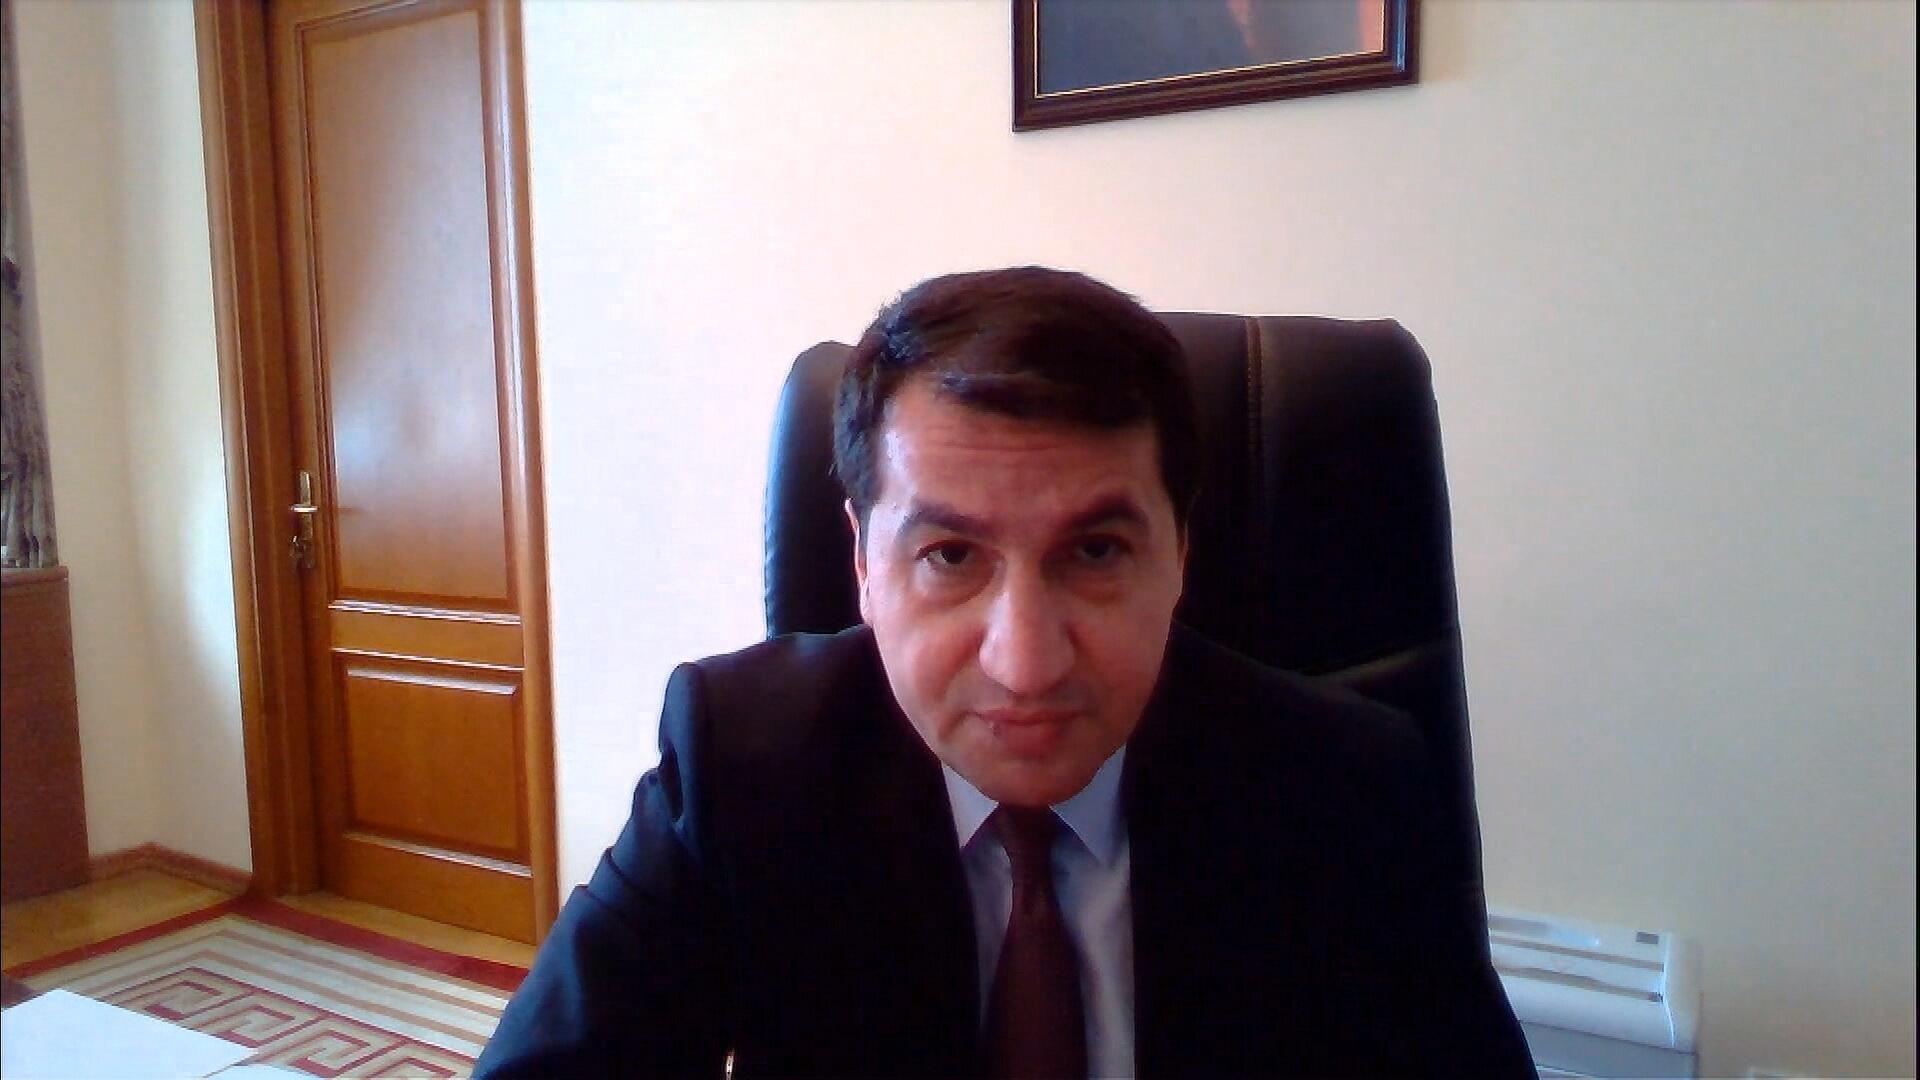 Hikmet Hajiyev, Conseiller spécial de président Azerbaïdjanais, en juillet 2020.